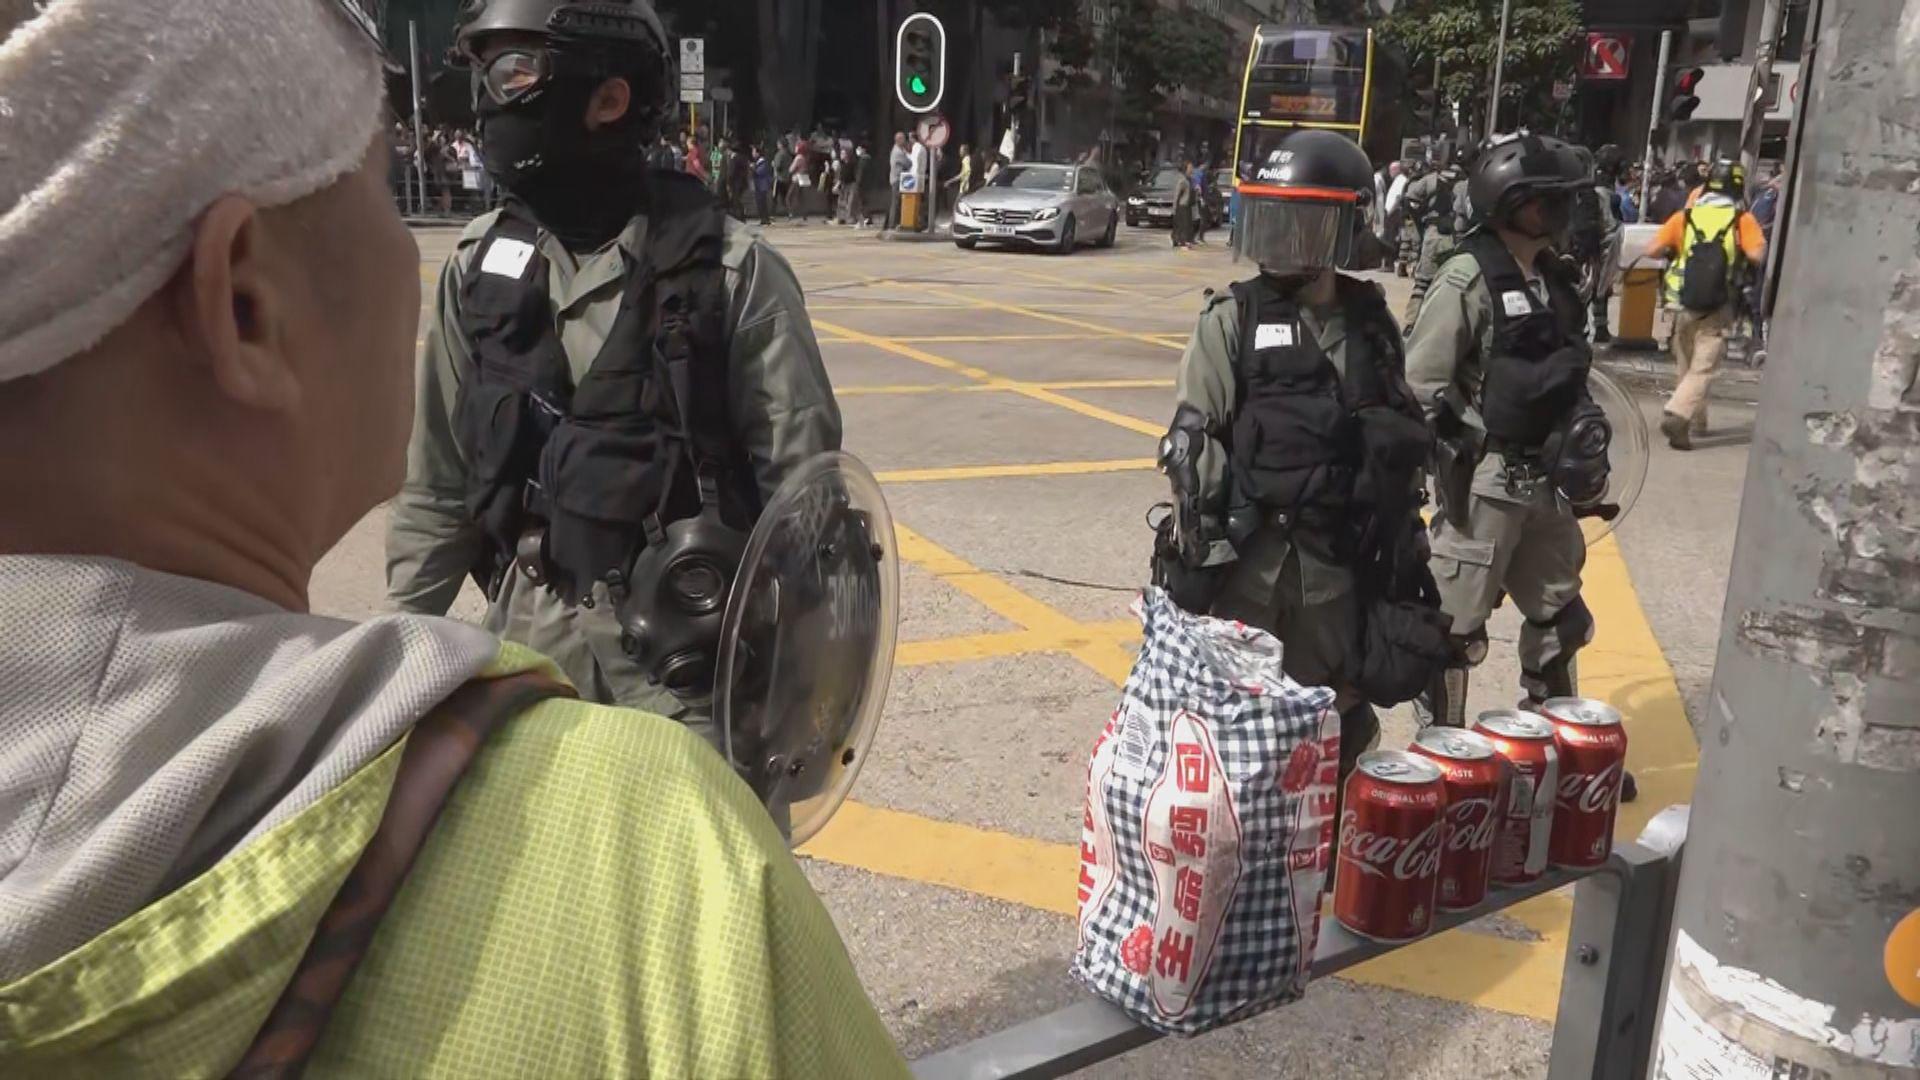 九龍灣午飯快閃遊行 警方一度舉藍旗警告